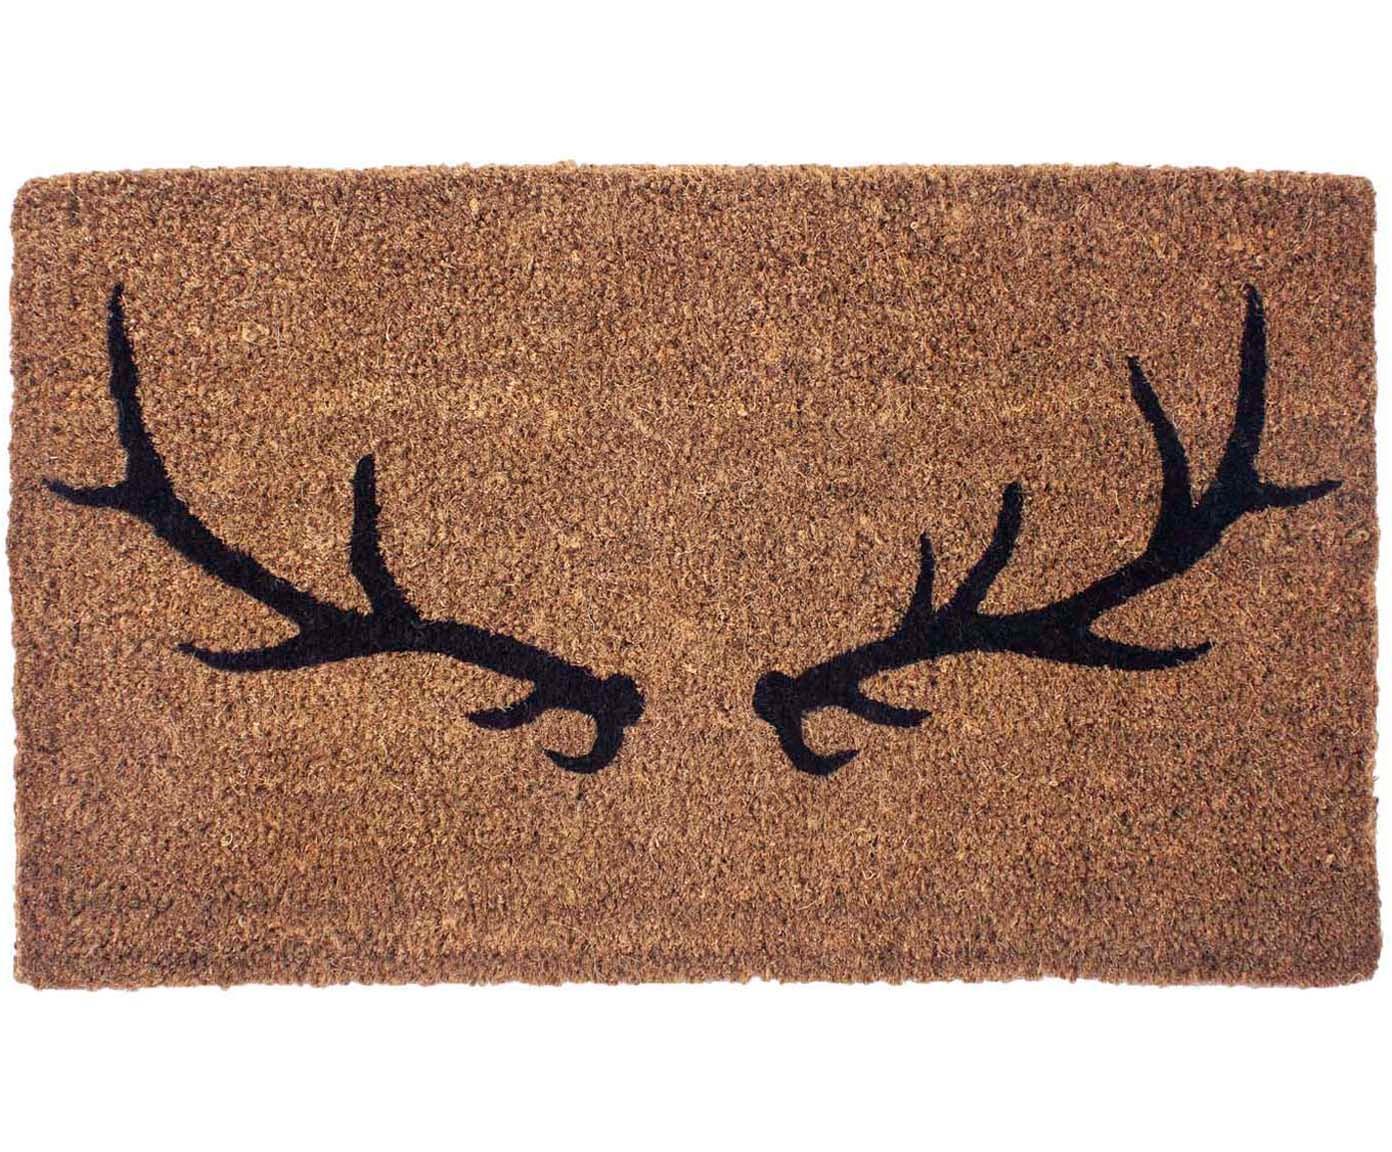 Ręcznie tkana wycieraczka Antlers, Włókno kokosowe, Beżowy, czarny, S 45 x D 75 cm